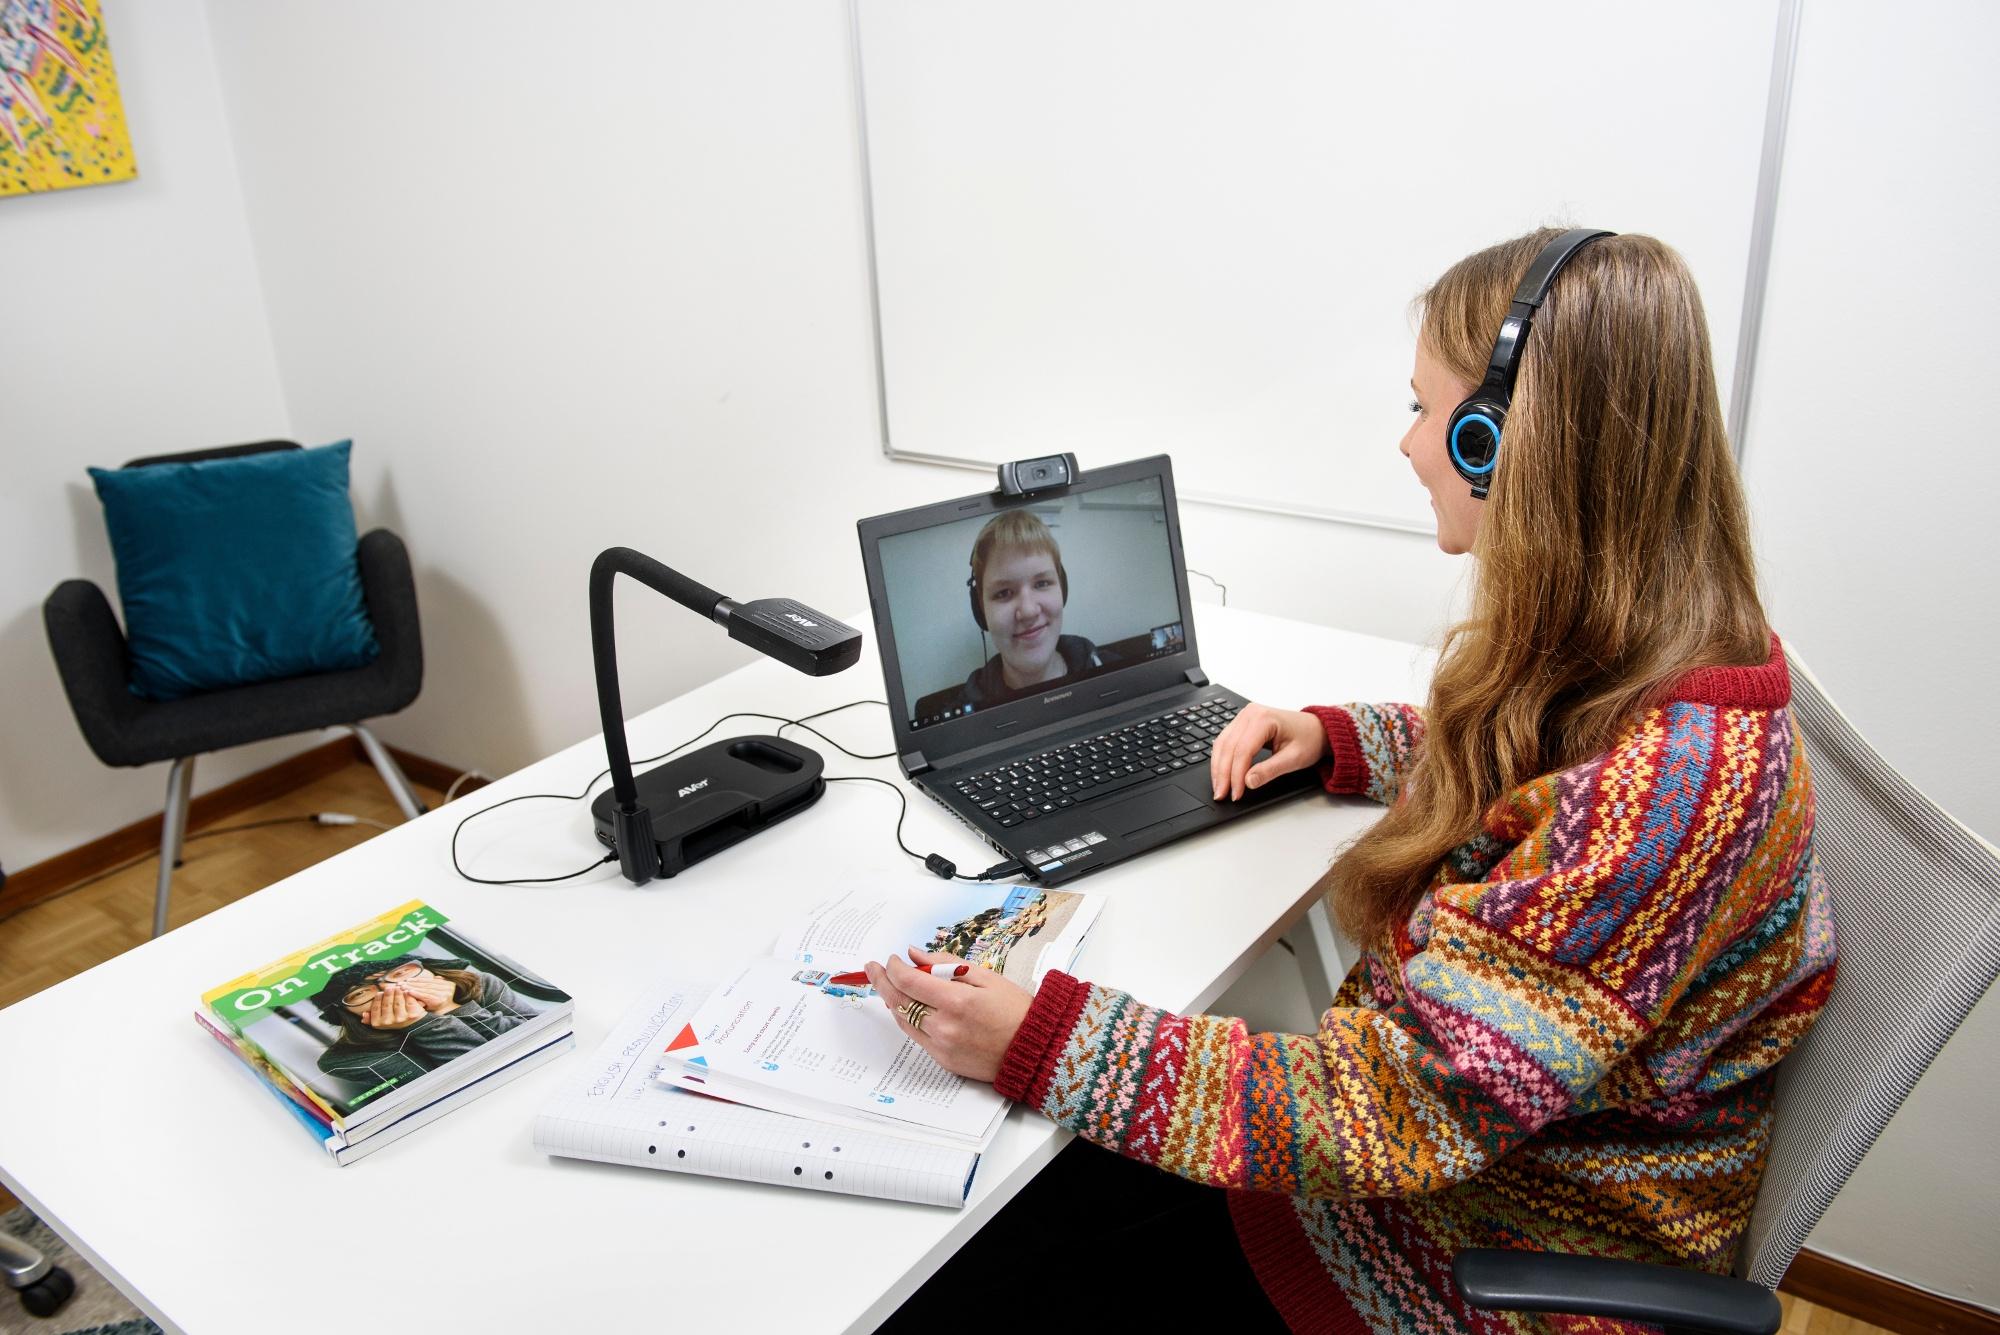 komennusperhe opiskelu ulkomailla online-opetus